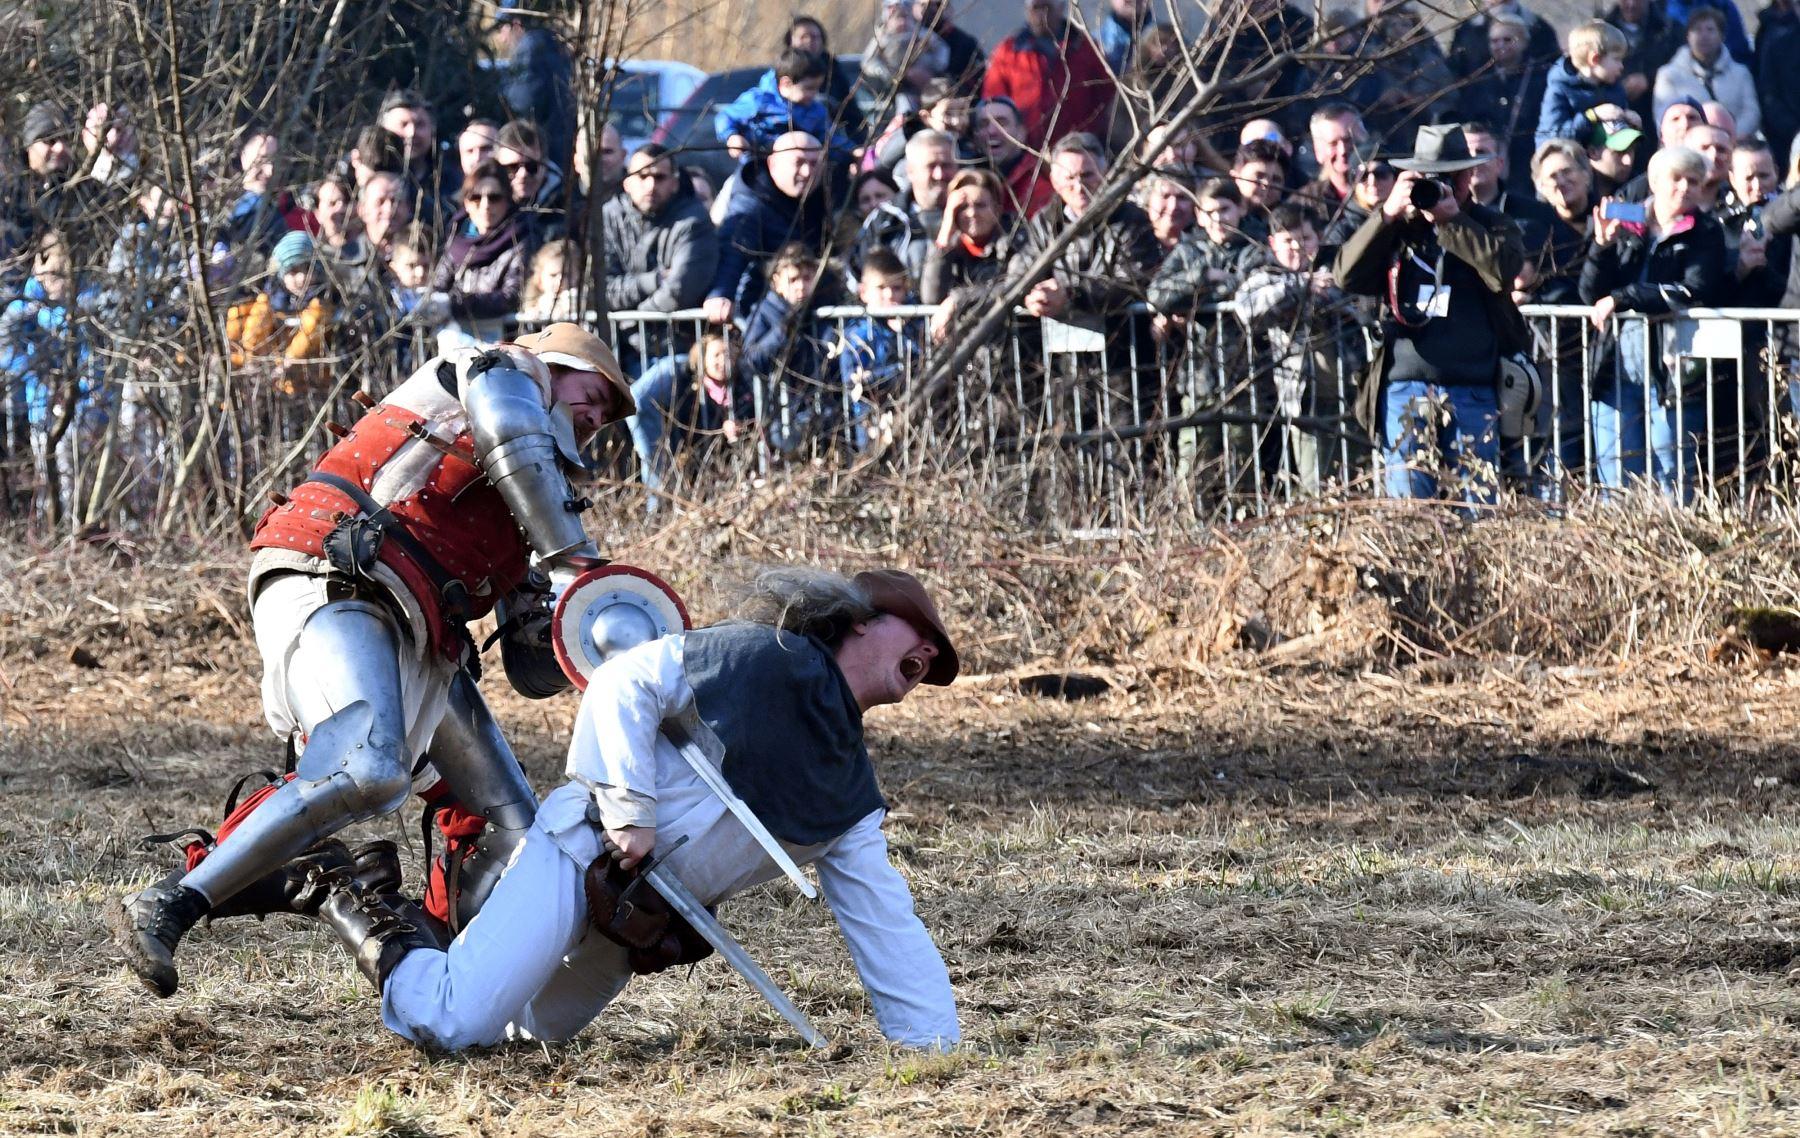 Actores en trajes de época actúan mientras reanudan la legendaria batalla en Stubicko polje en Donja Stubica, . La batalla, que tuvo lugar el 9 de febrero de 1573, fue la batalla final de la famosa Revuelta Campesina en la que los campesinos locales lideraron Matija Gubec se enfrentó al ejército imperial y al local barón Franjo Tahi. AFP